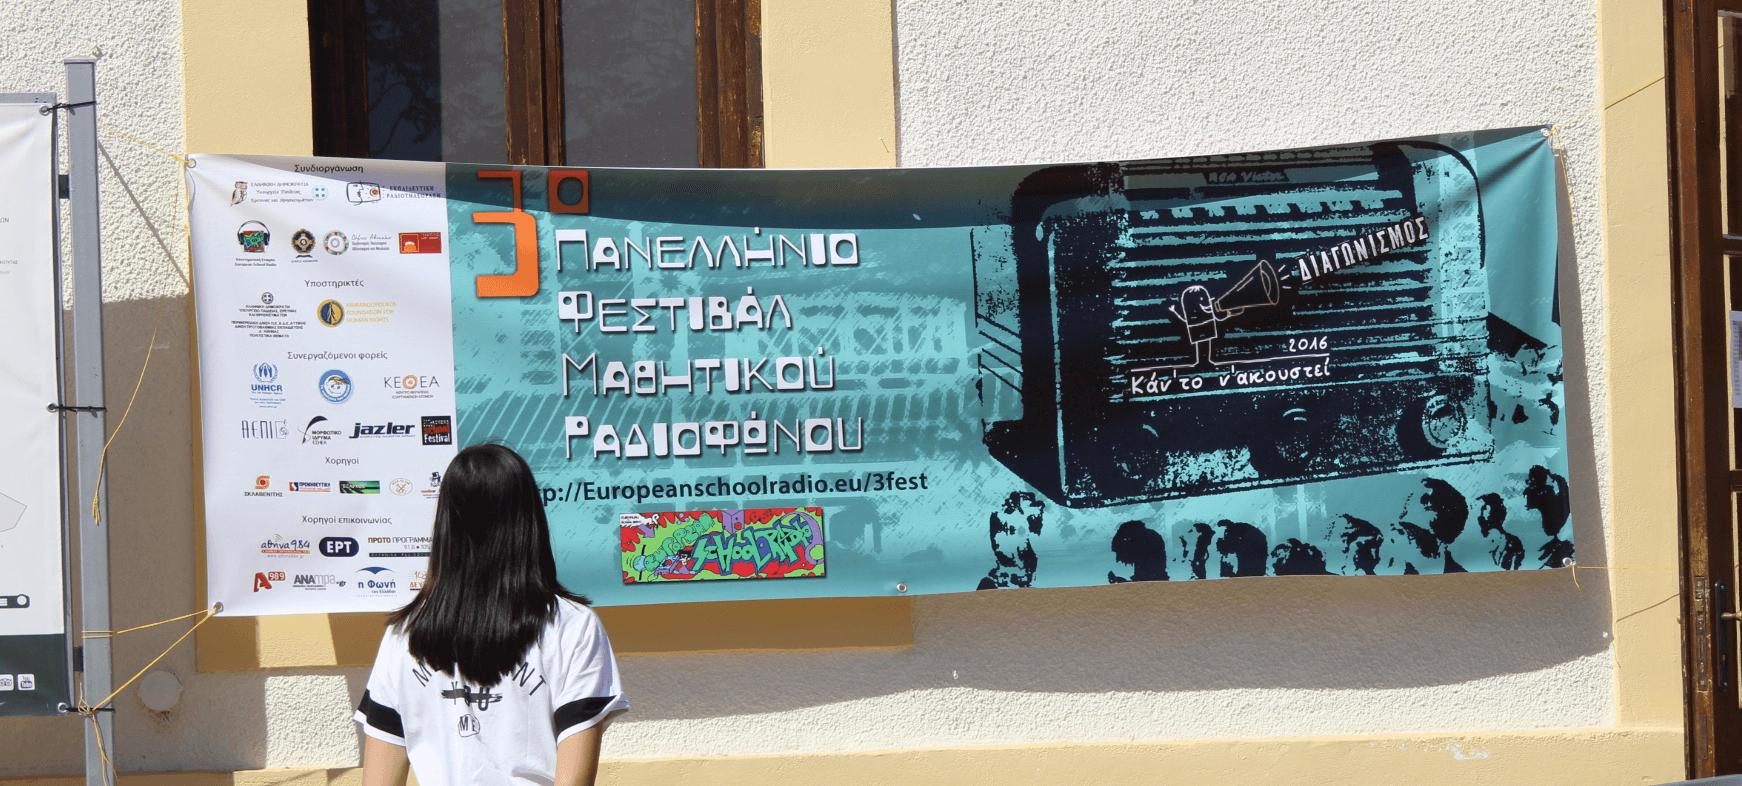 """3ο Πανελλήνιο Φεστιβάλ Μαθητικού Ραδιοφώνου: """"ας δικτυωθούμε"""",  γιατί η συνεργασία μας πάει μπροστά"""